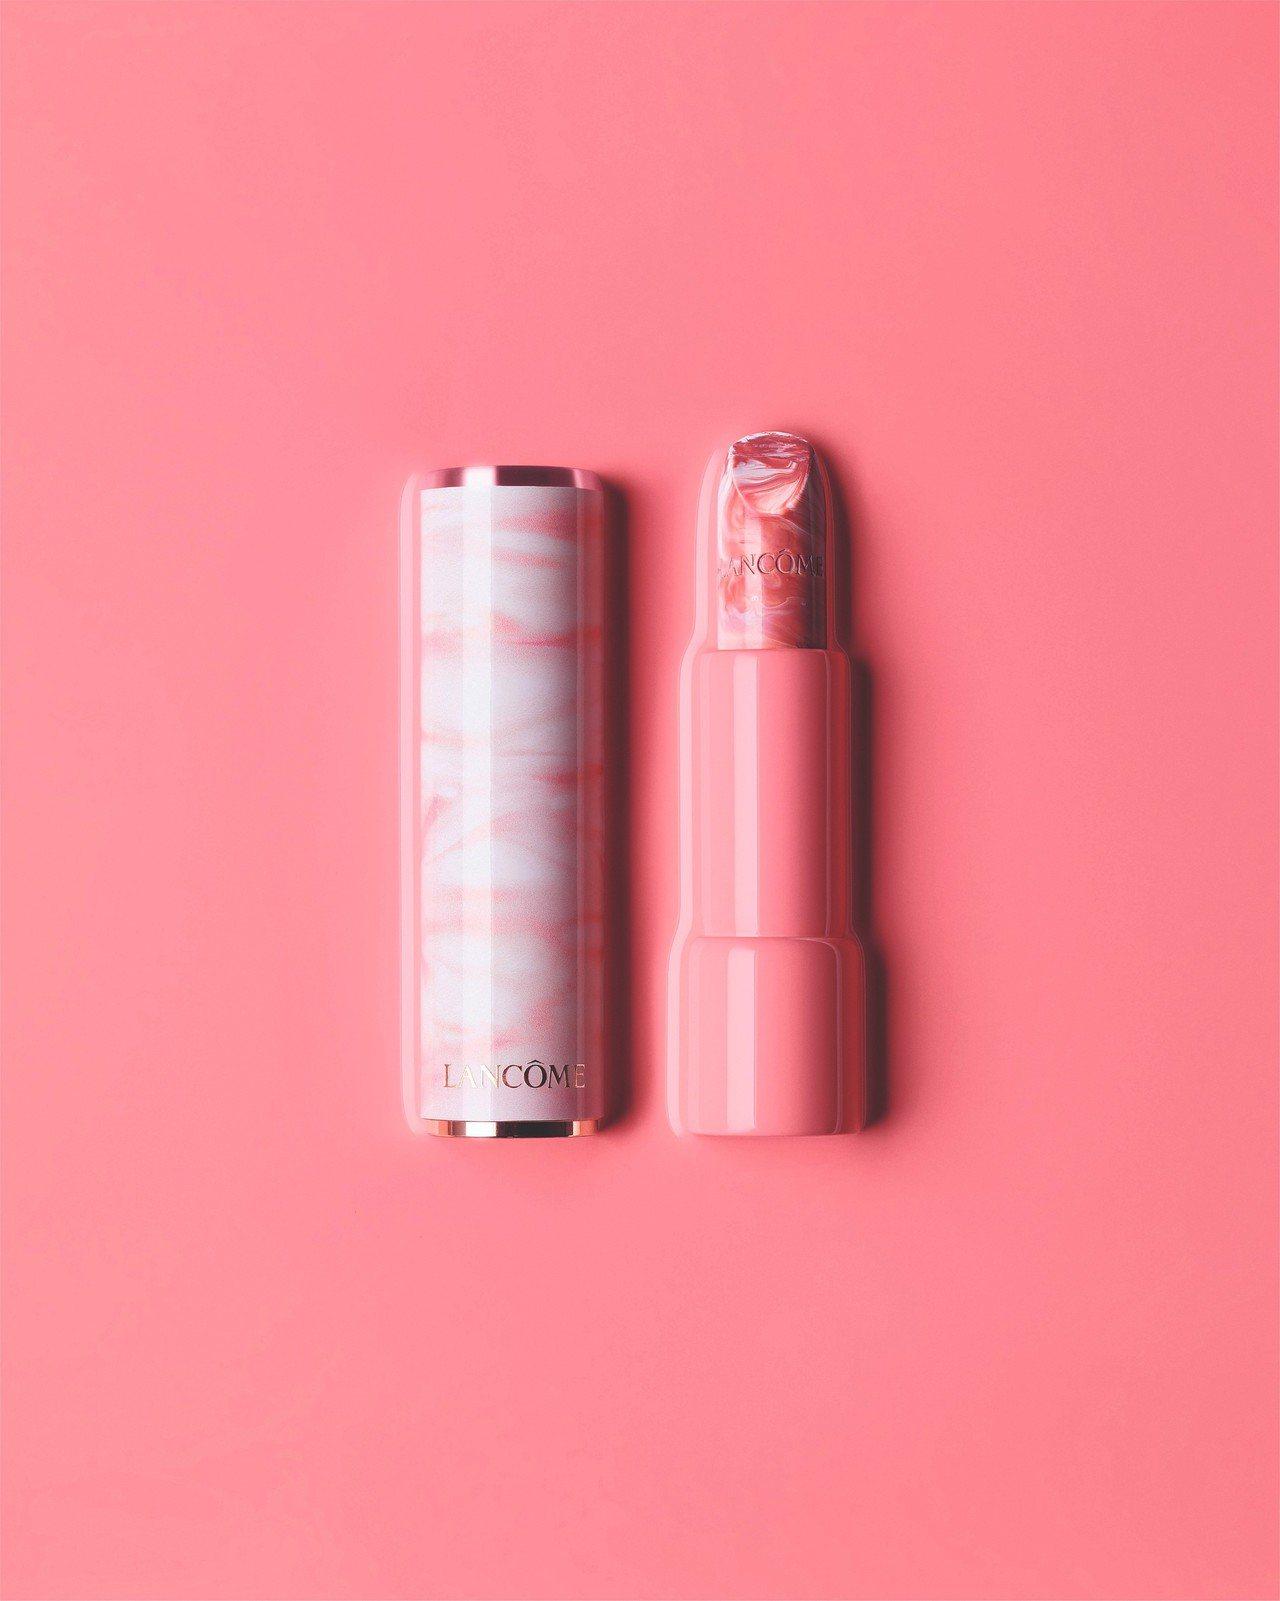 蘭蔻絕對完美玫瑰大理石潤色護唇膏玫瑰大理石,1,150元。圖/蘭蔻提供